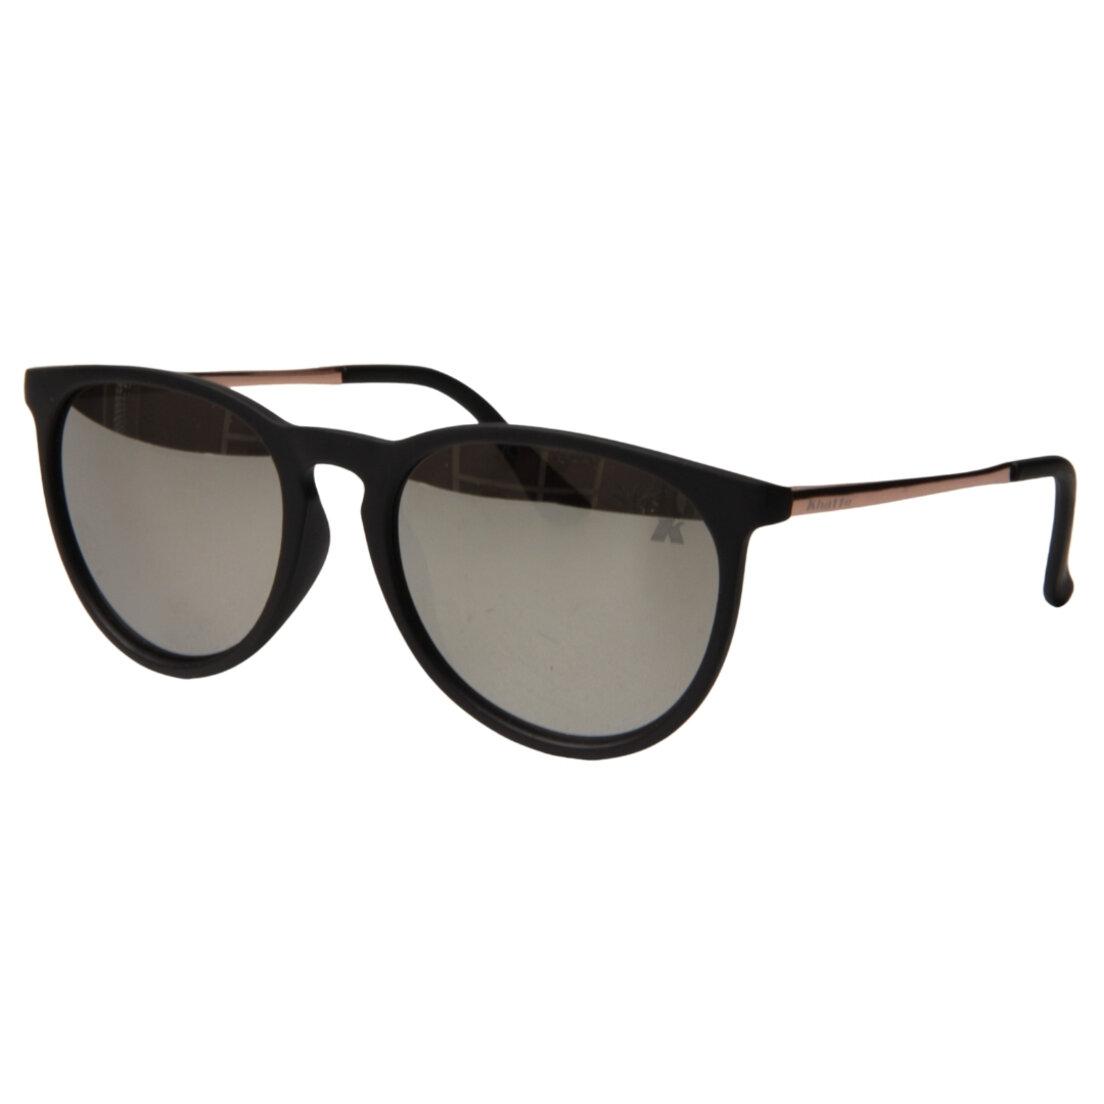 Óculos de Sol Khatto Round Young Erika Paln - C025